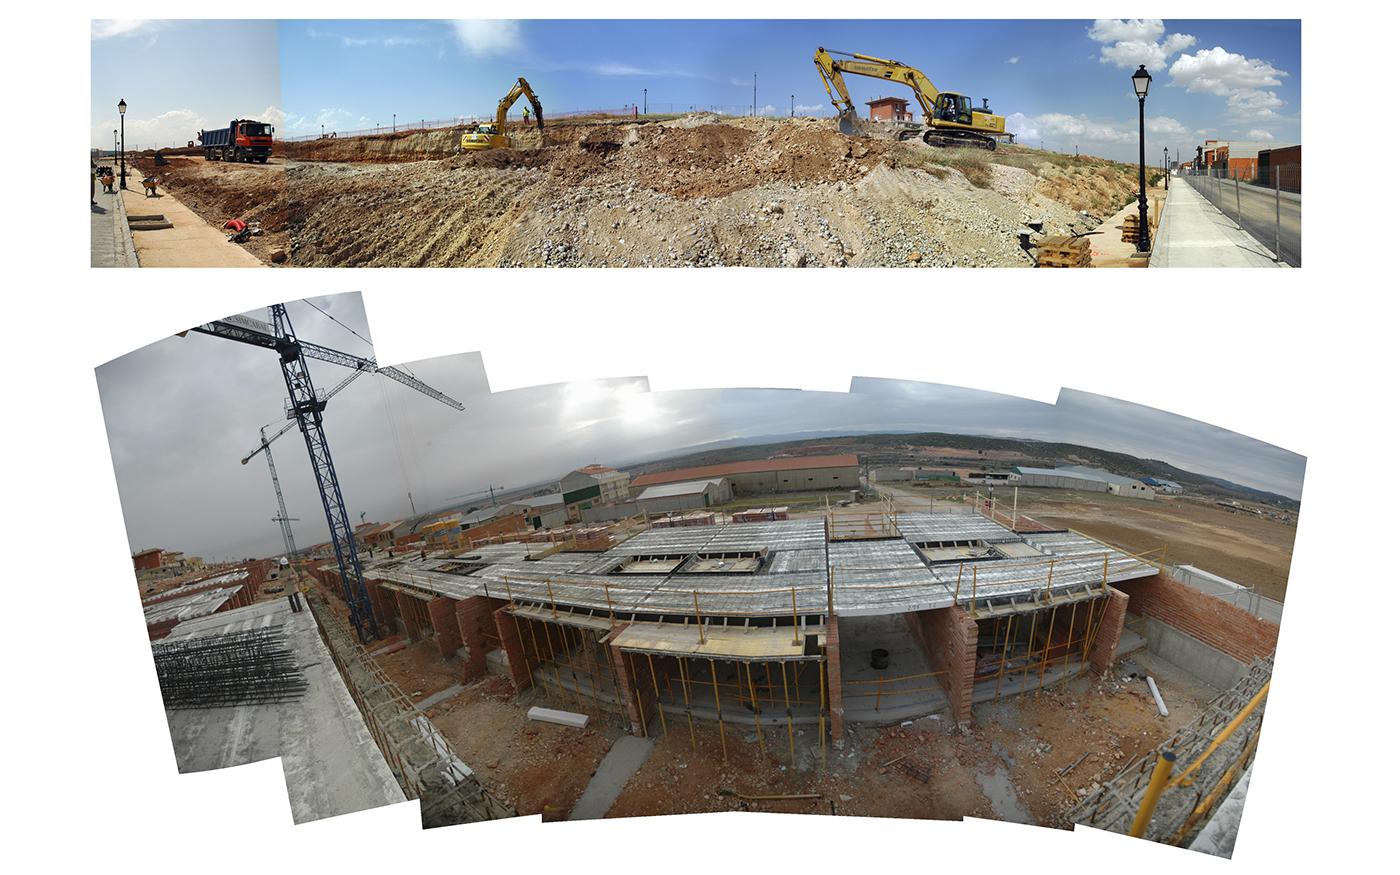 Project Management work management Site Architect DCV